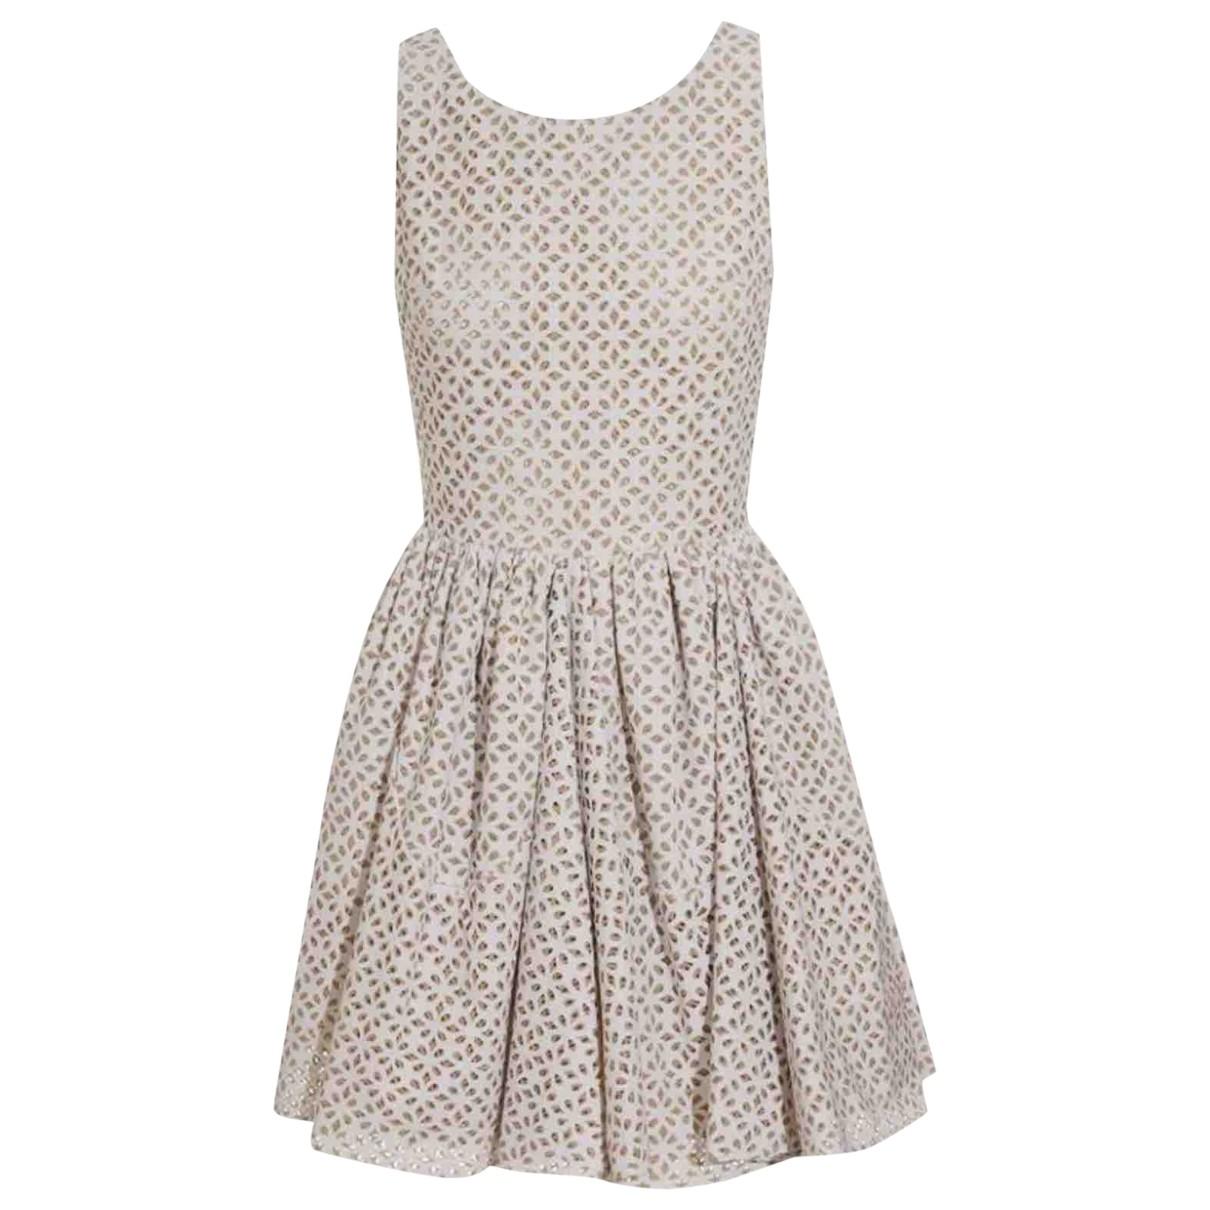 Alaïa \N White dress for Women 40 FR